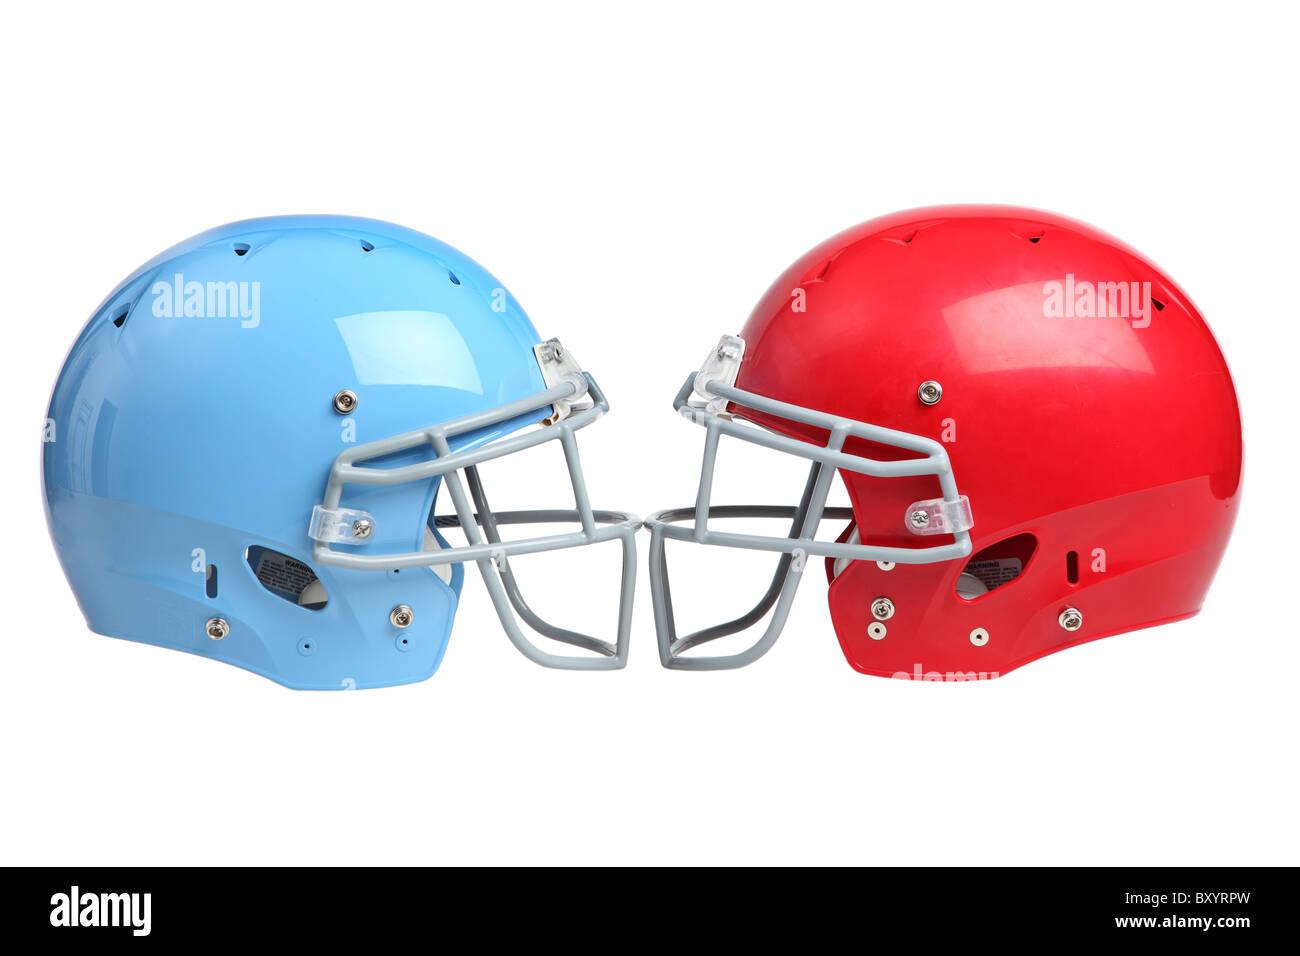 Deux casques de football sur fond blanc Photo Stock